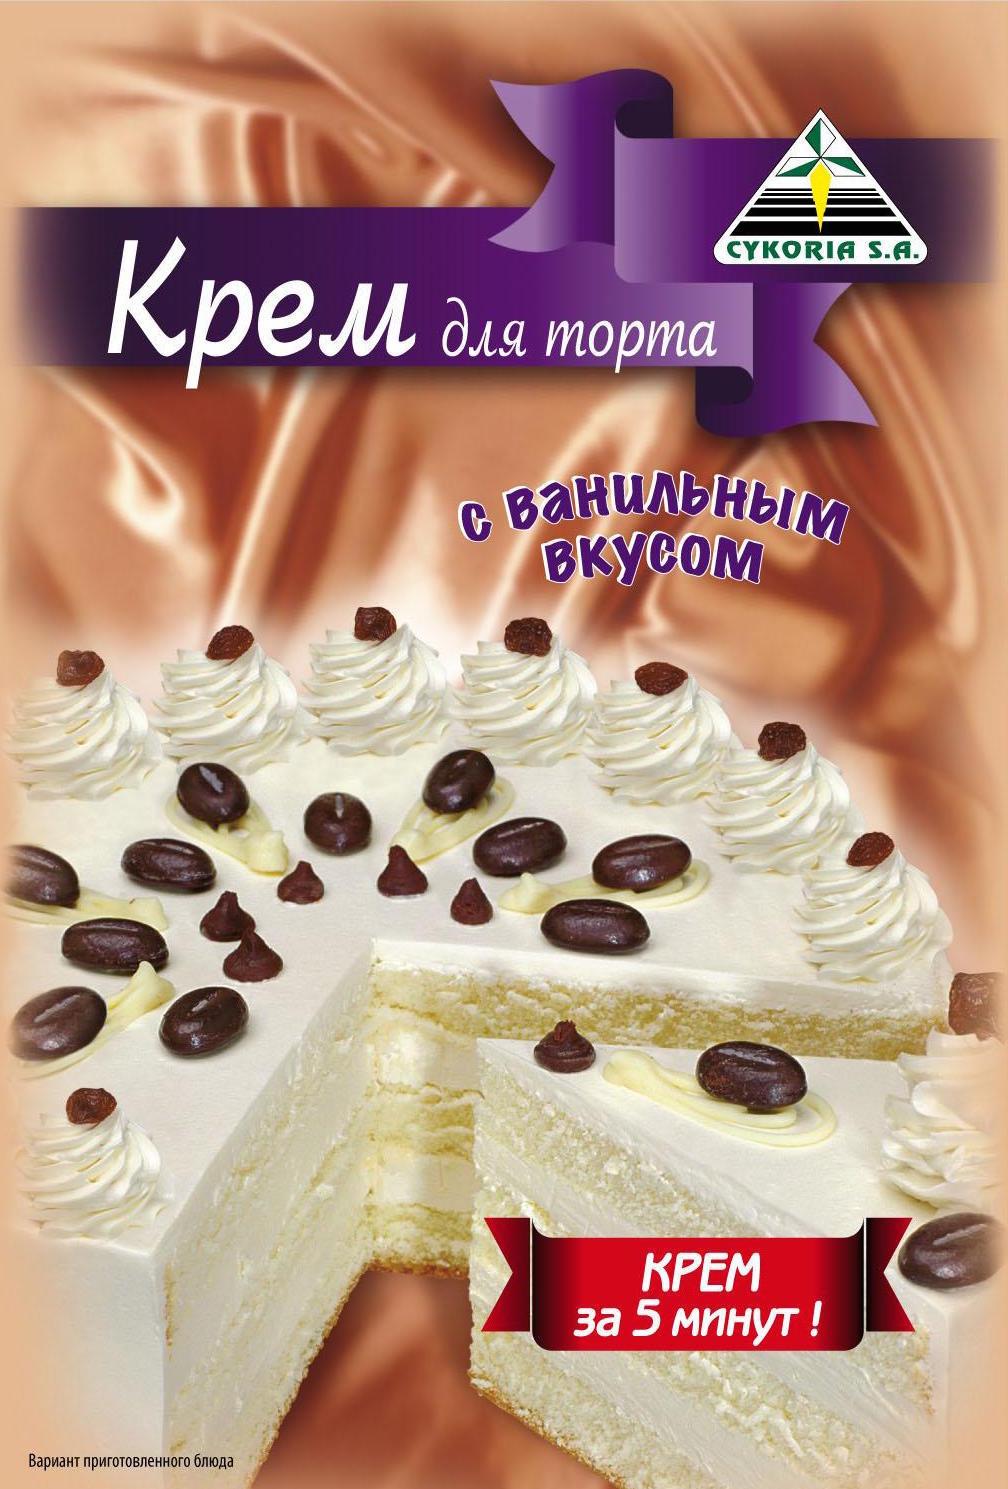 Крем для торта с ванильным вкусом, 100 гр.